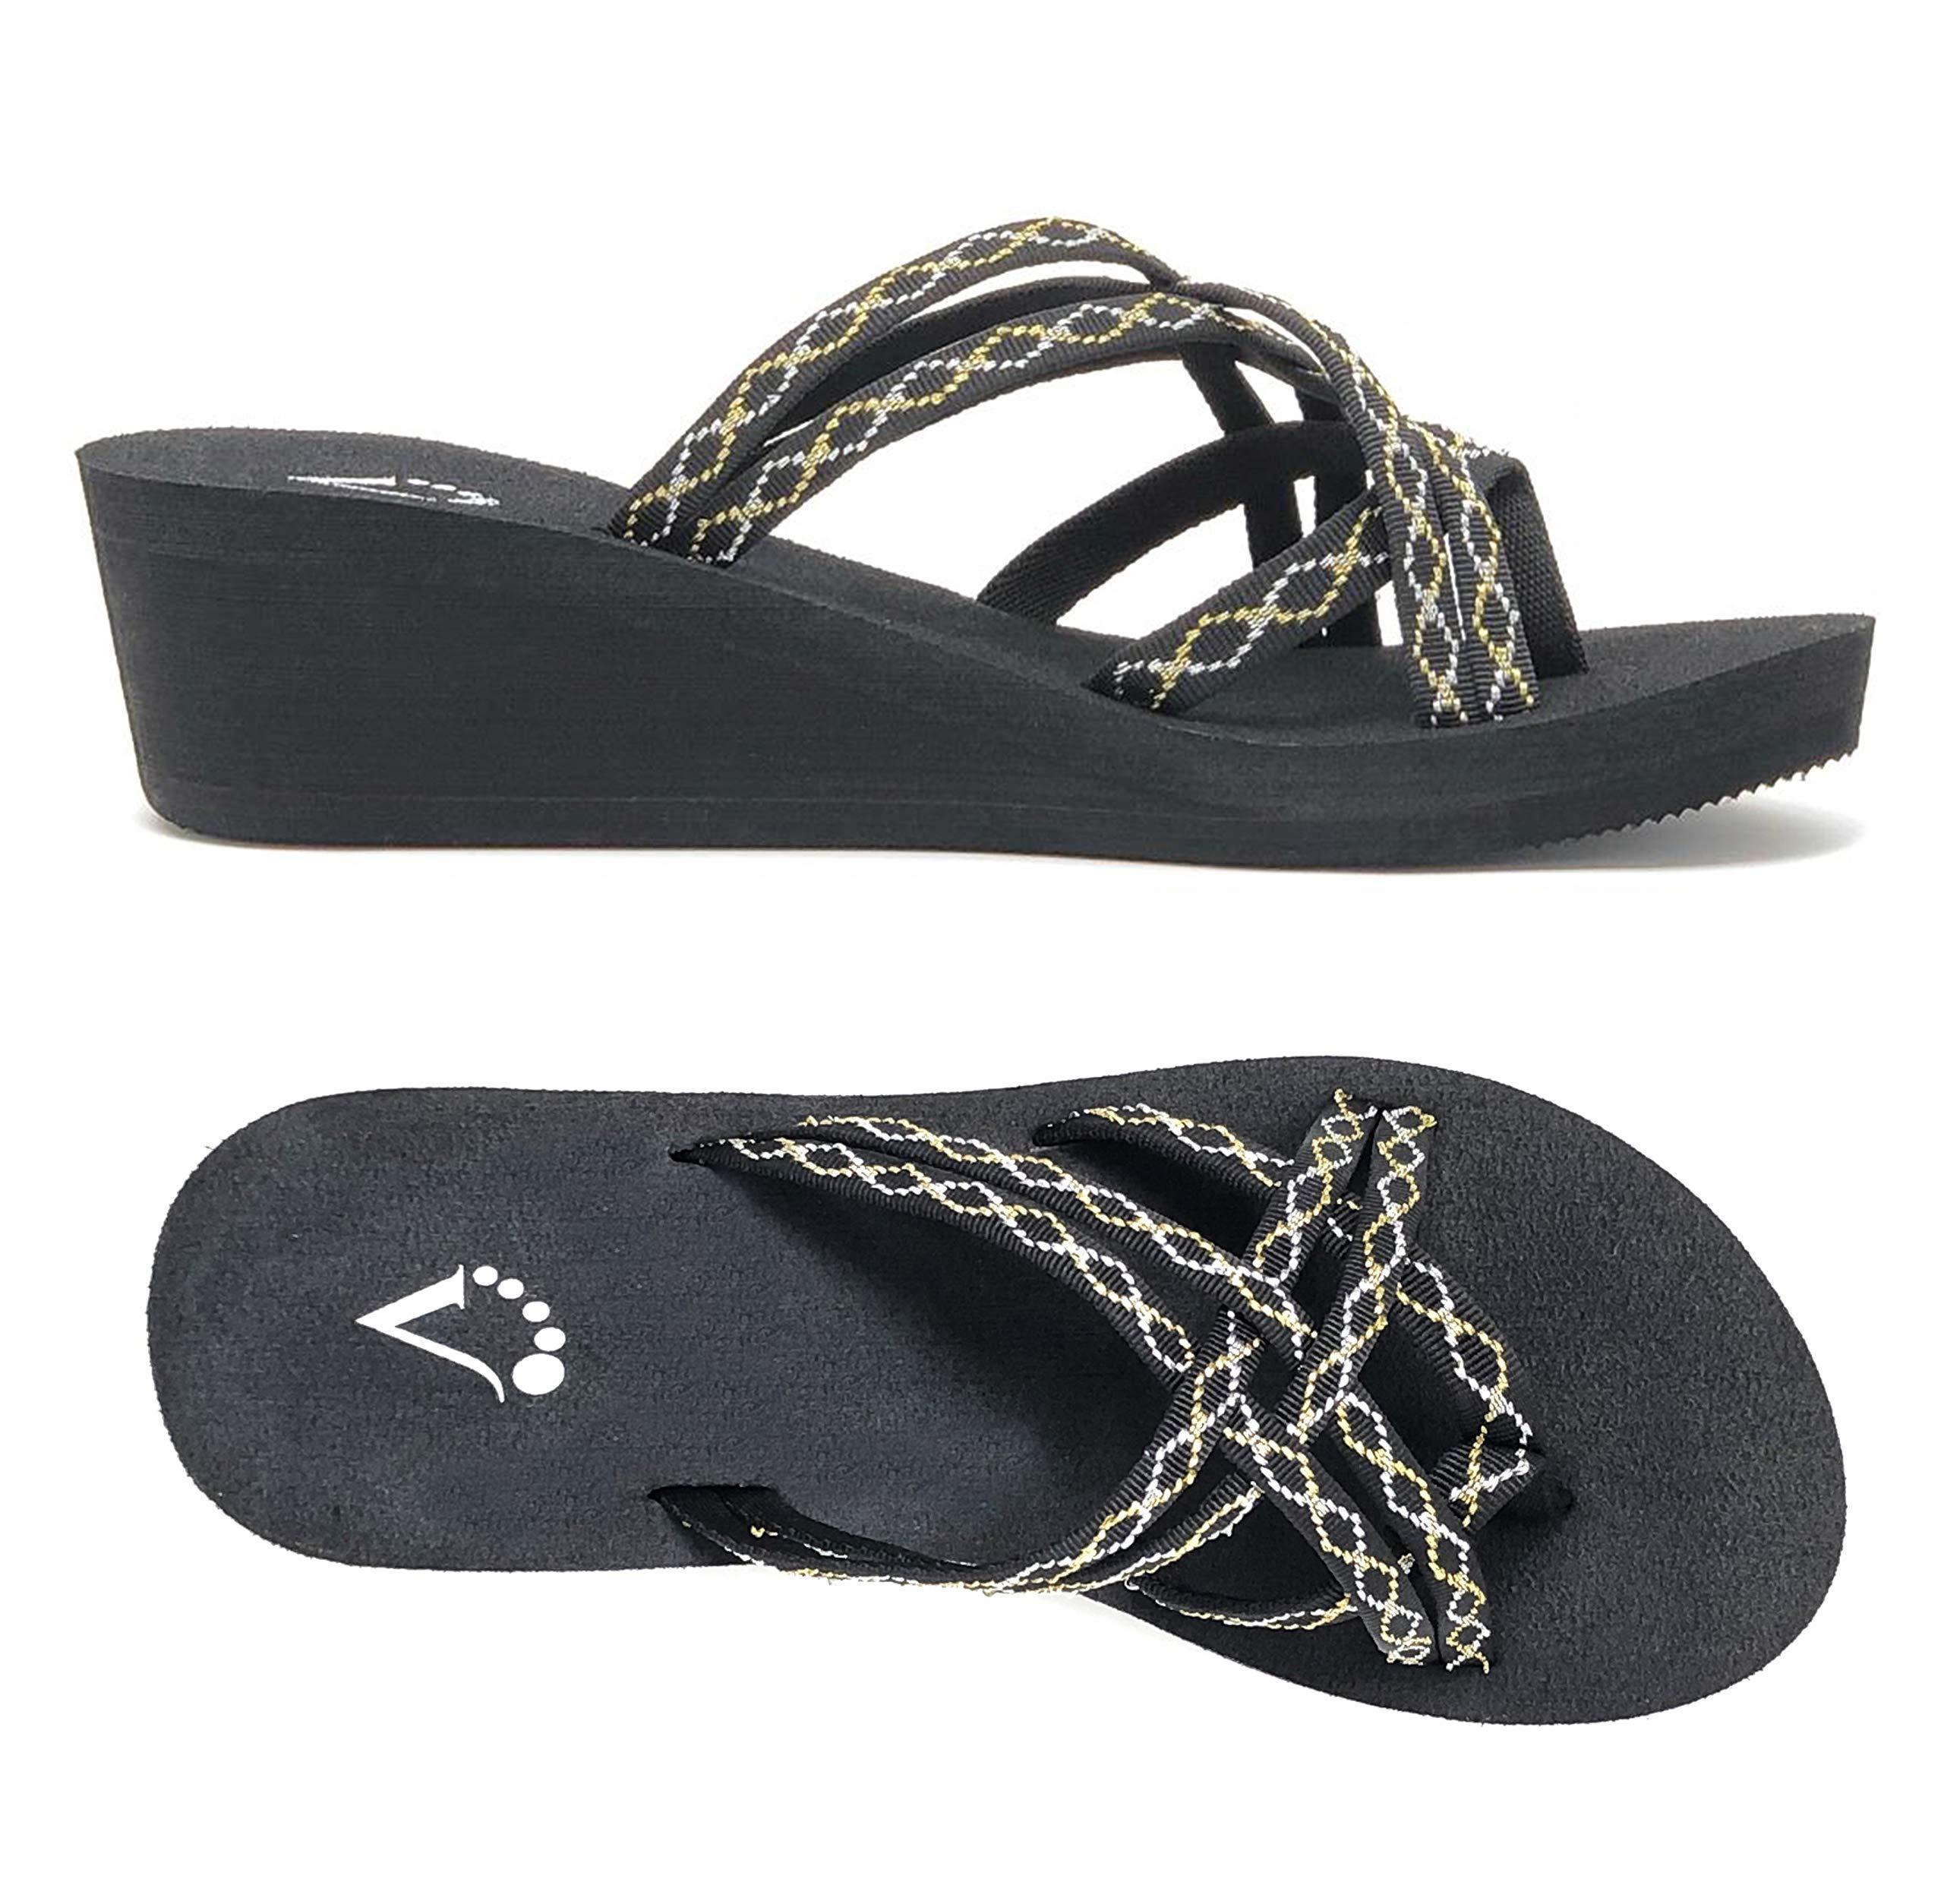 Viakix Wedge Flip Flops Women – Comfortable, Stylish, Cute, Women's Strappy Sandal Walking, Beach, Travel